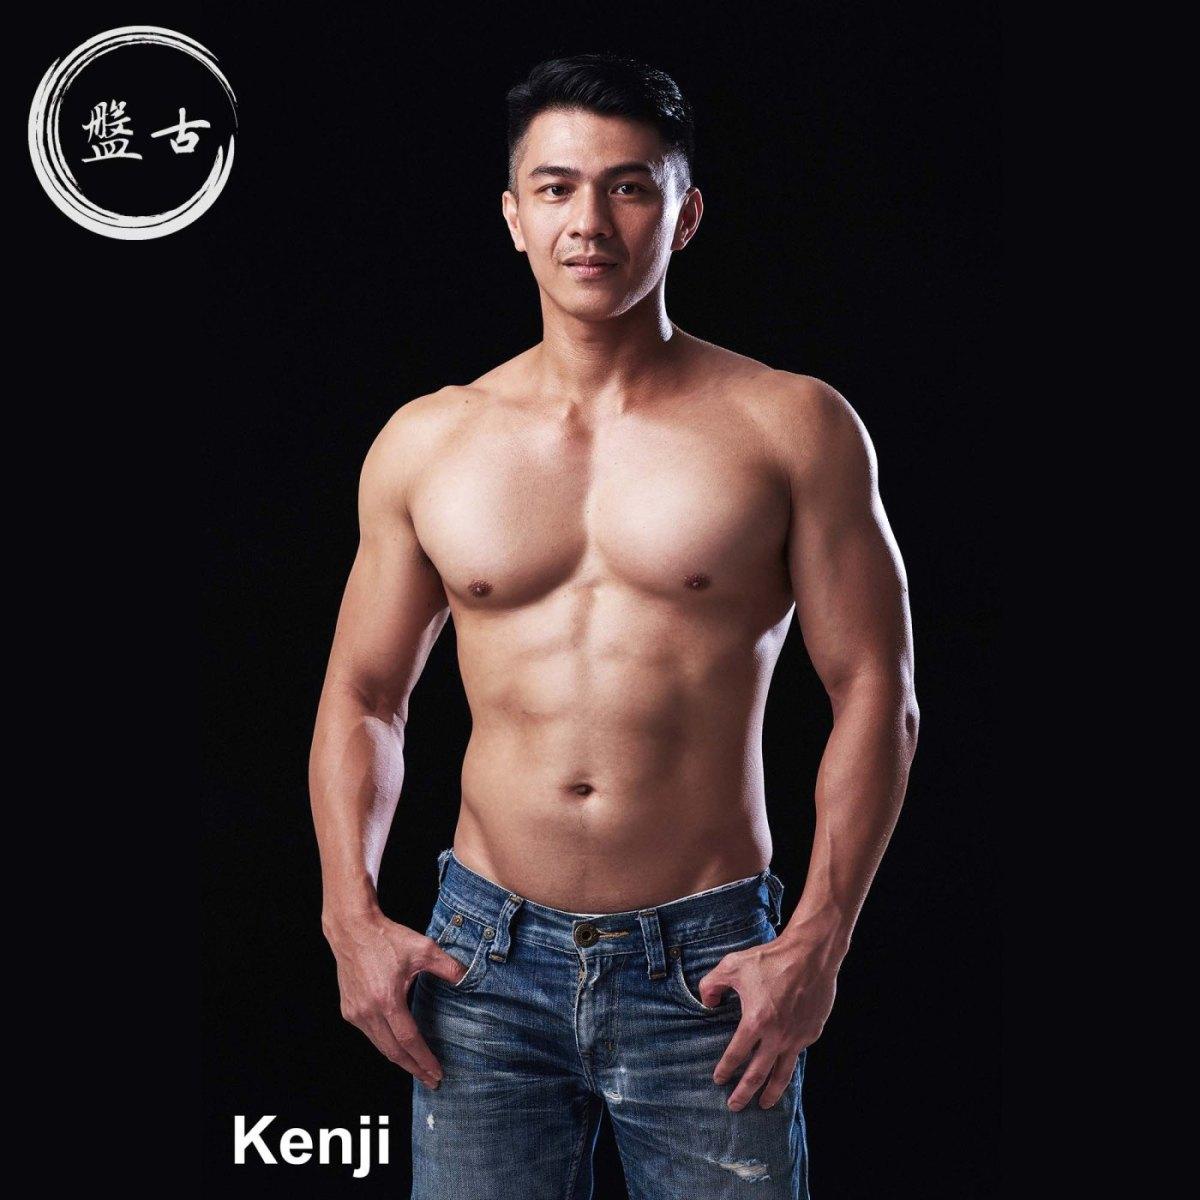 [臺北] Kenji@盤古 – 真人仲靚仔過相 | So Gay HK